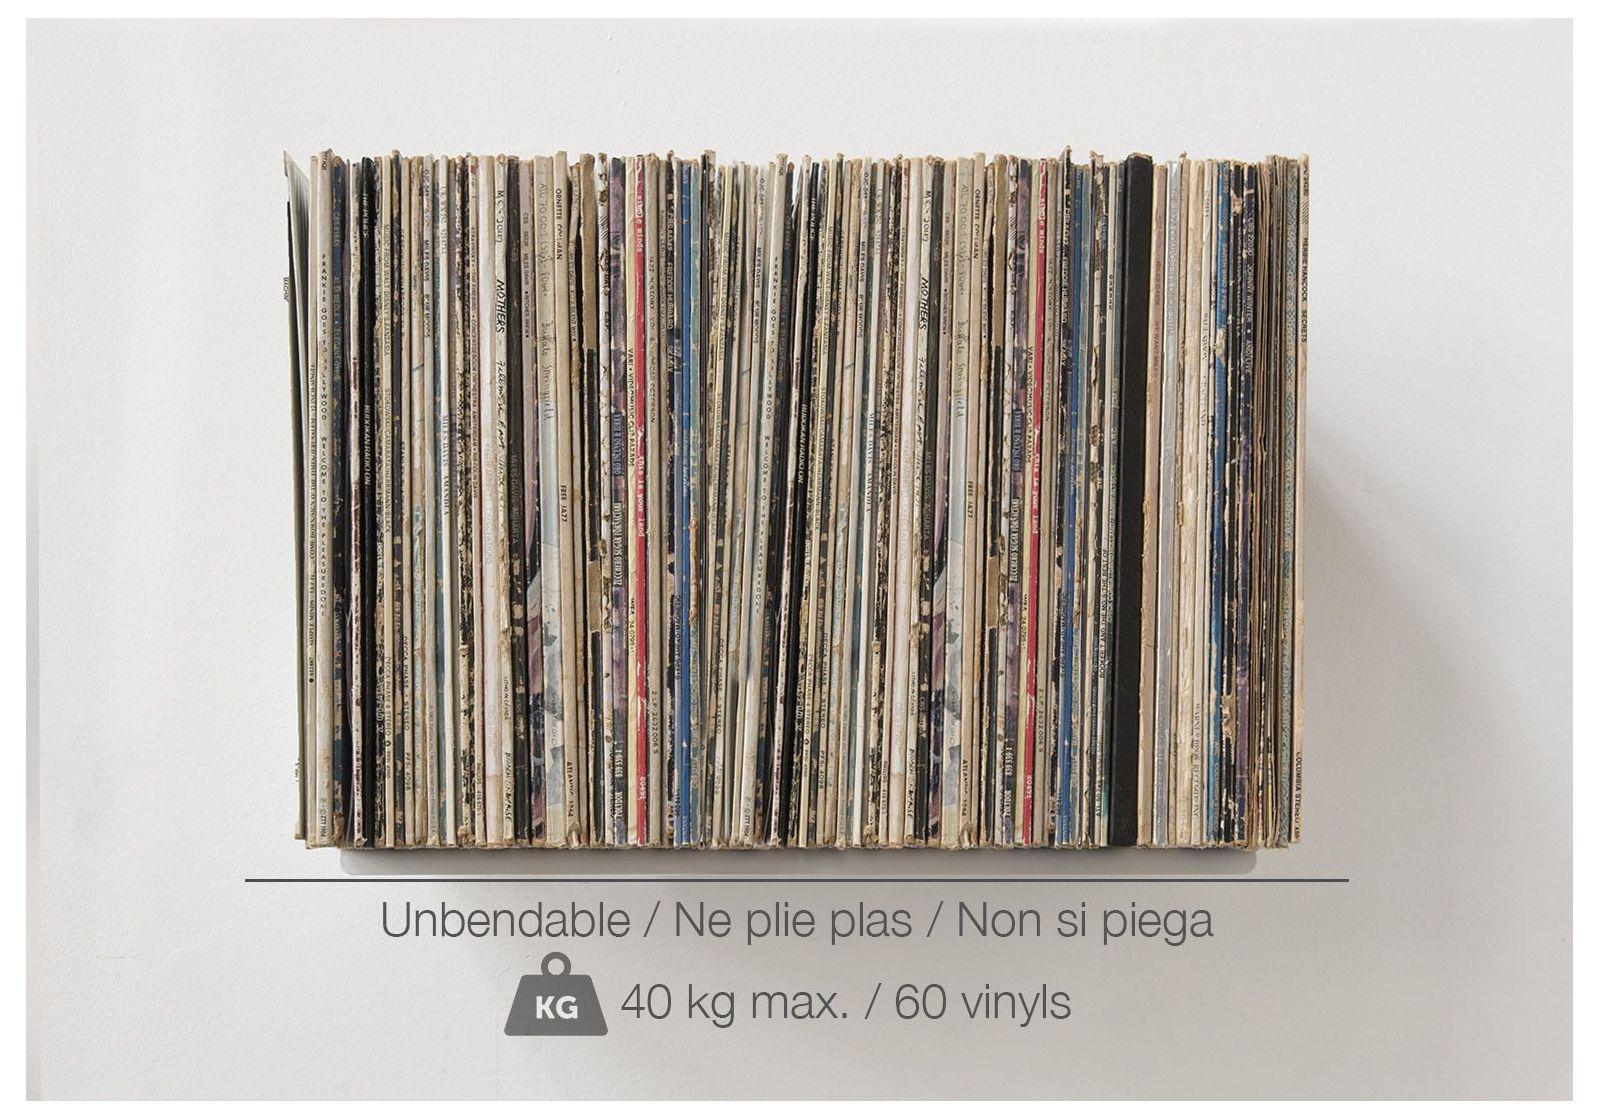 Scaffale porta vinili ubd set di 4 contiene 240 - Scaffali porta cd ...